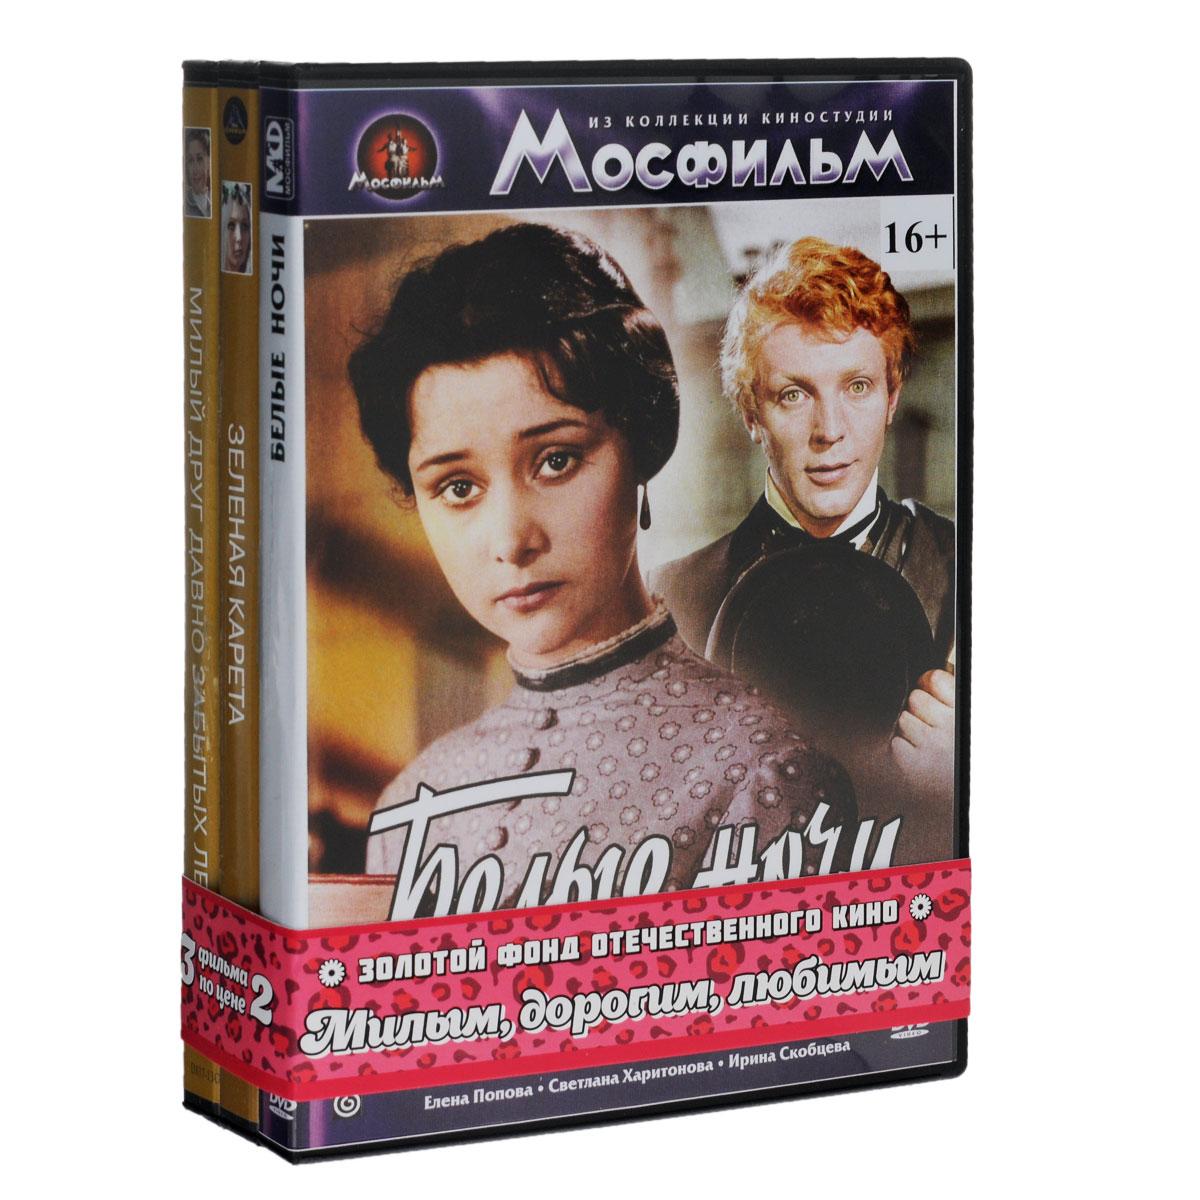 3=2 Милым, дорогим, любимым …: Белые ночи / Зеленая карета / Милый друг давно забытых лет... (3 DVD)